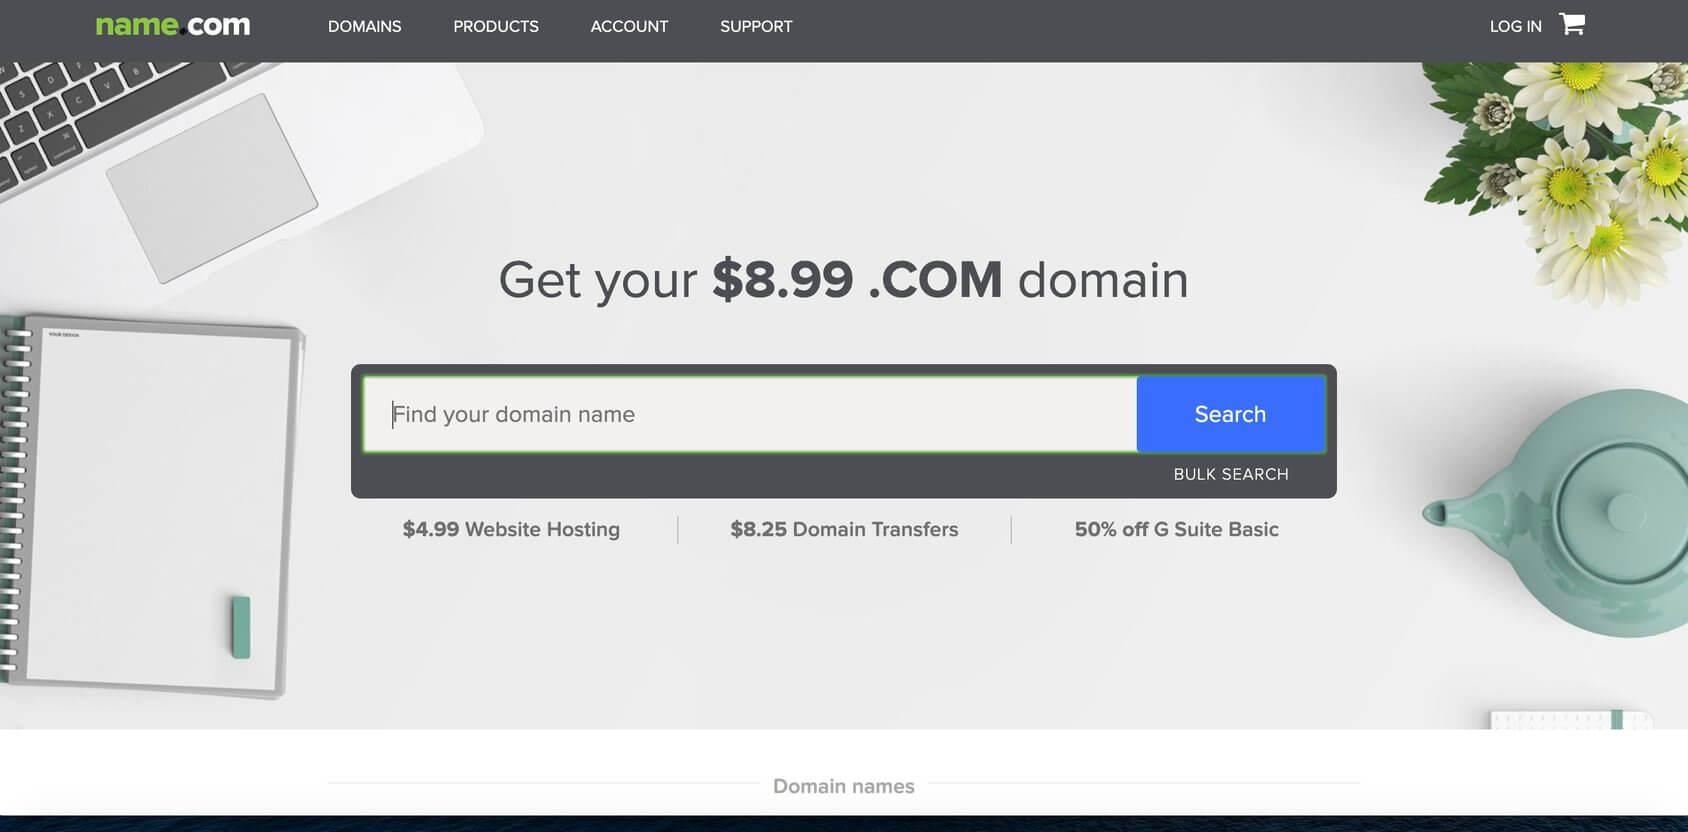 Name.com homepage